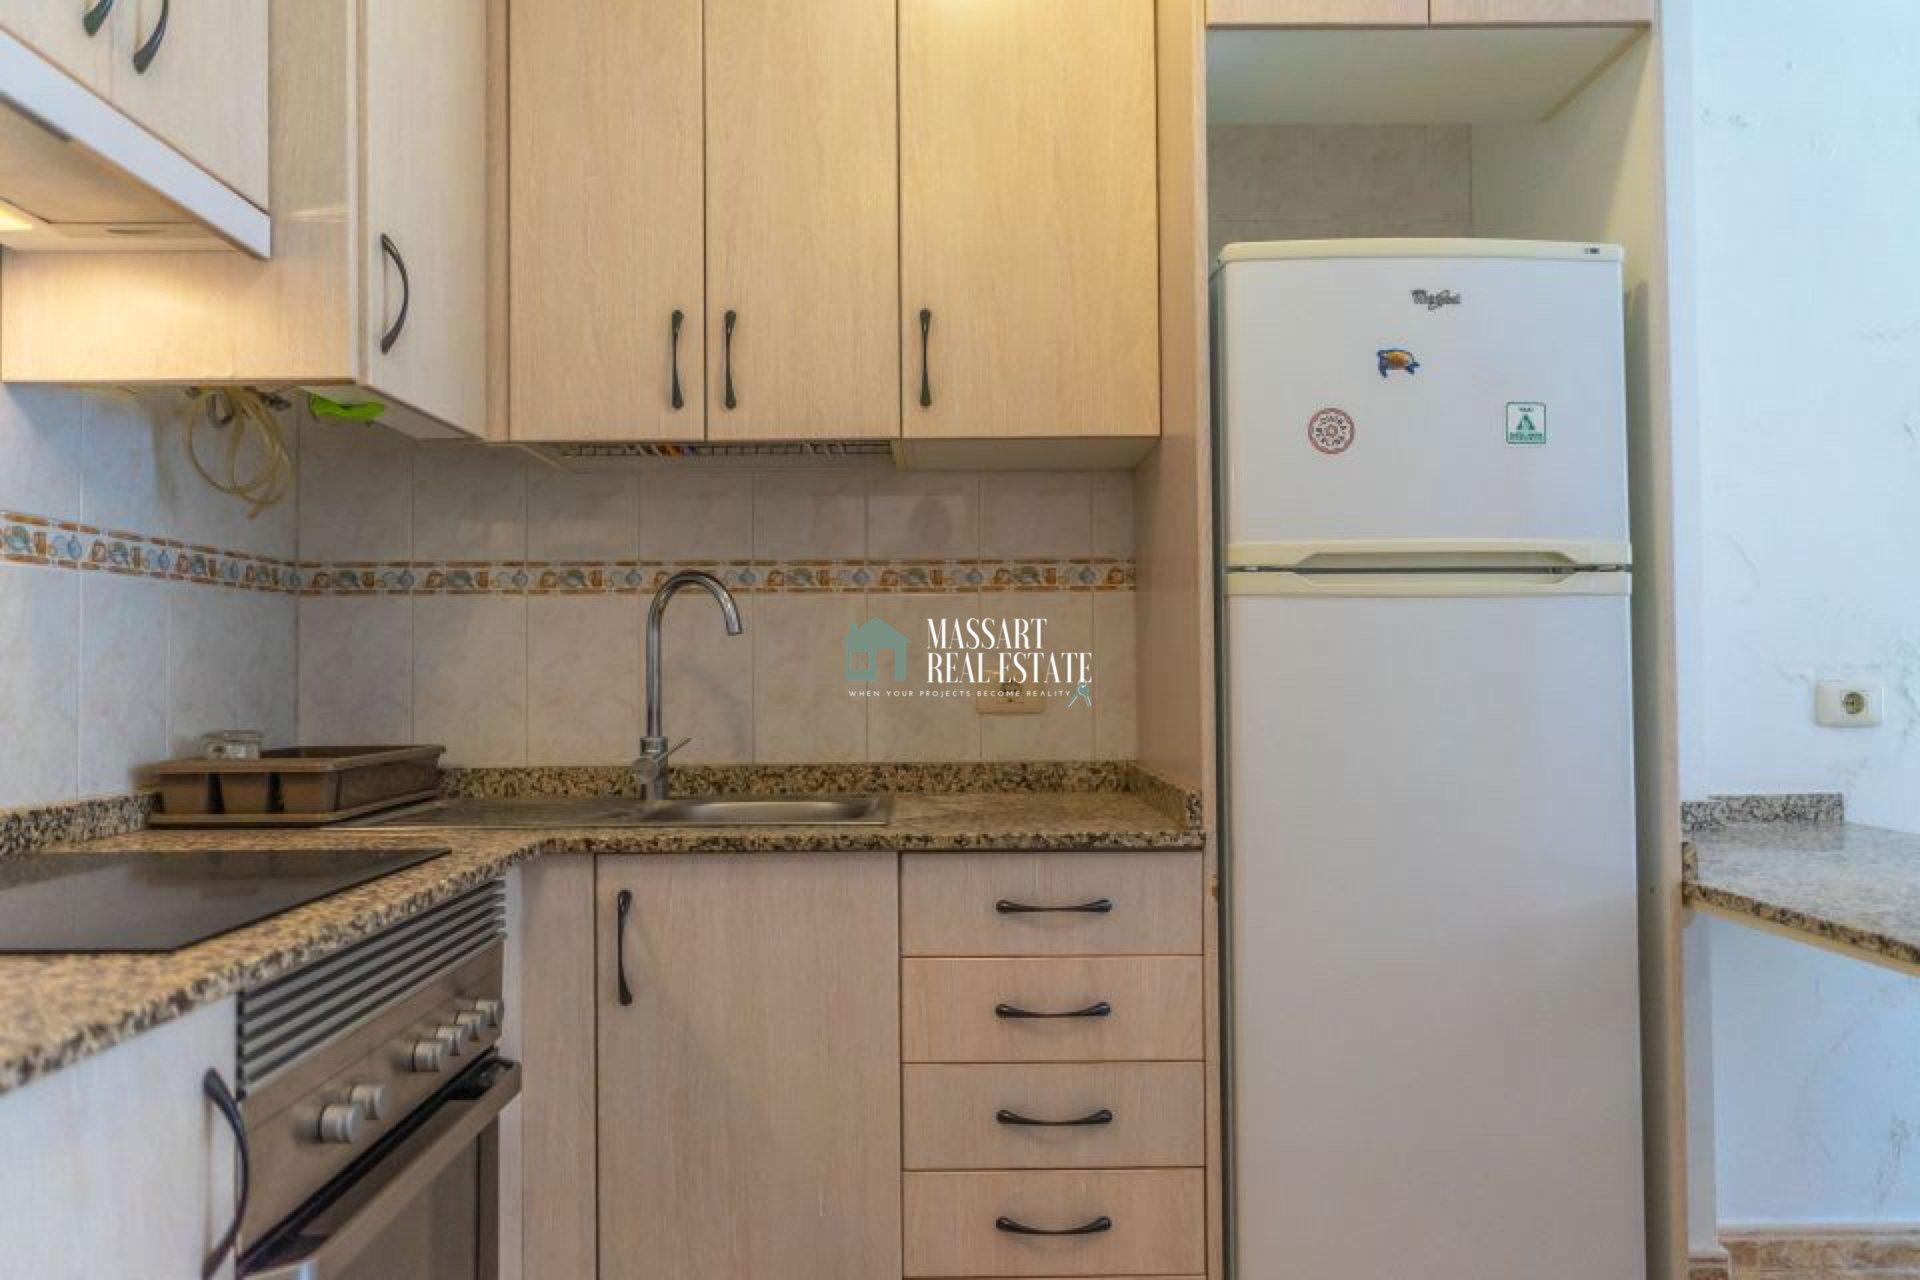 Apartamento recientemente renovado y completamente amueblado ubicado en una céntrica zona de Guargacho.